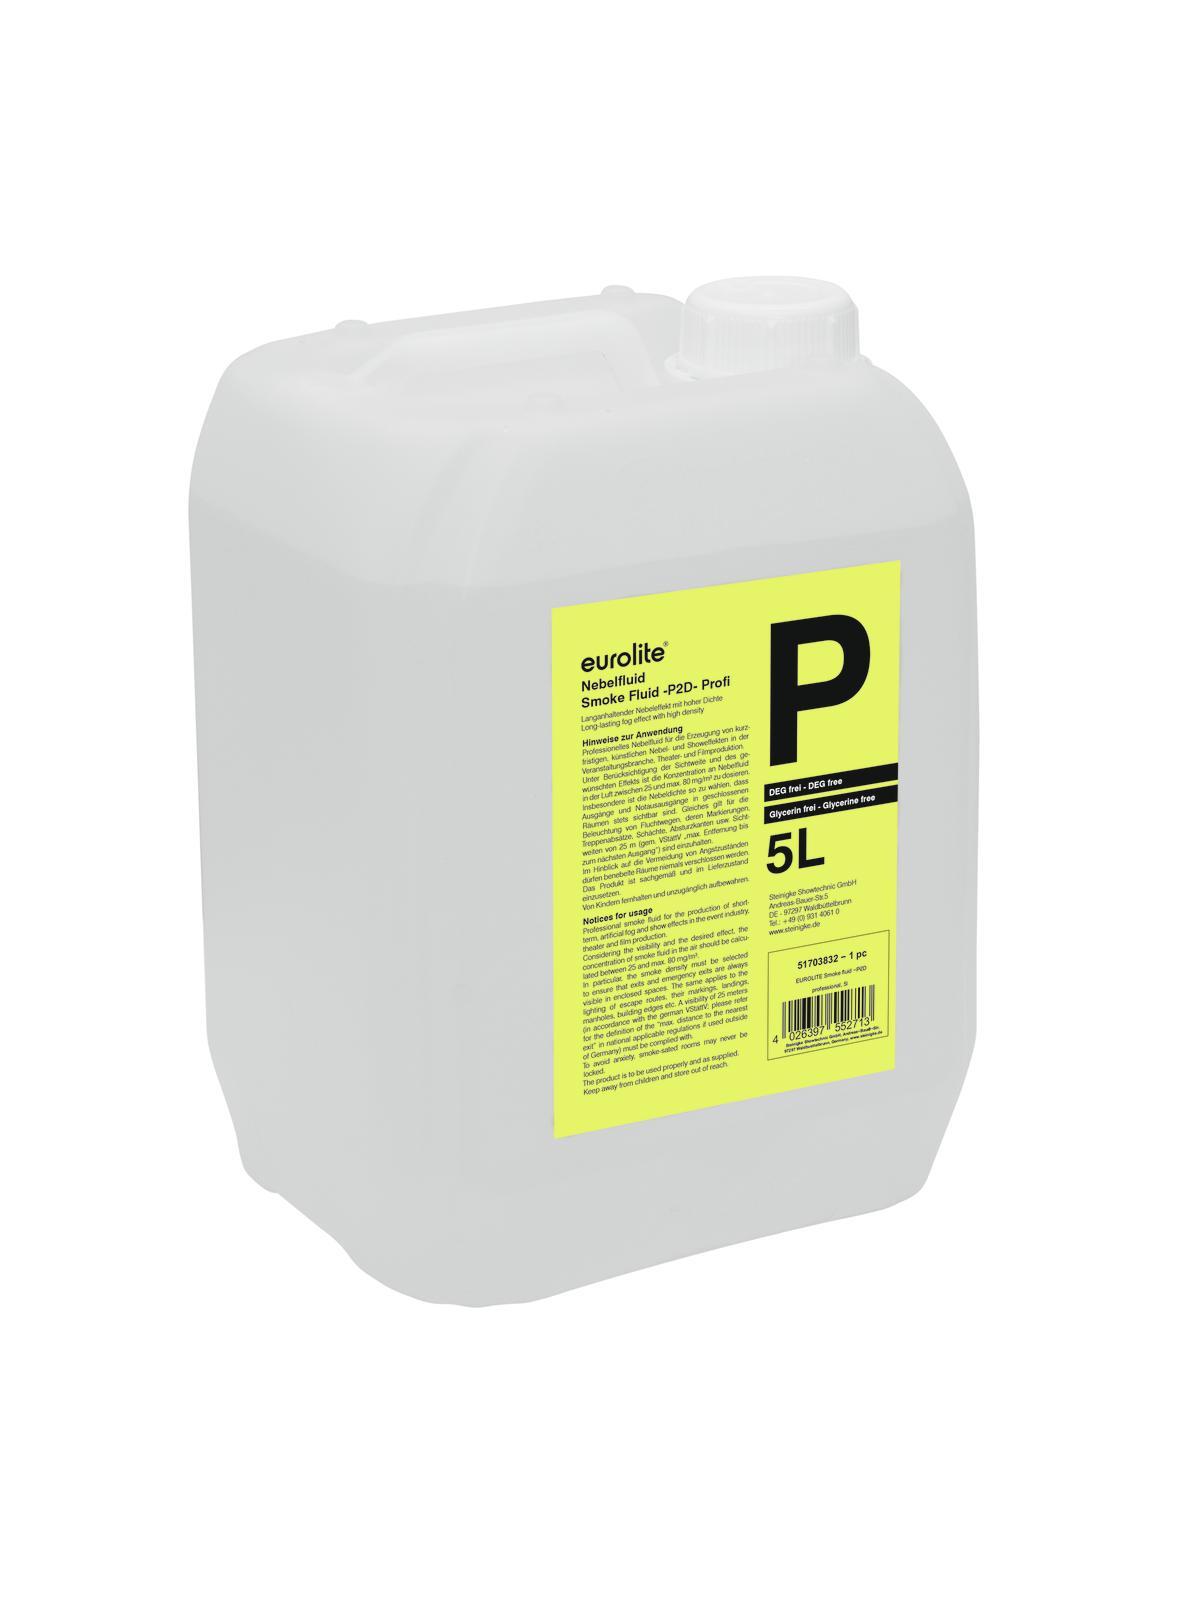 Liquido per macchina del fumo-nebbia, professionale, 5 litri EUROLITE-P2D